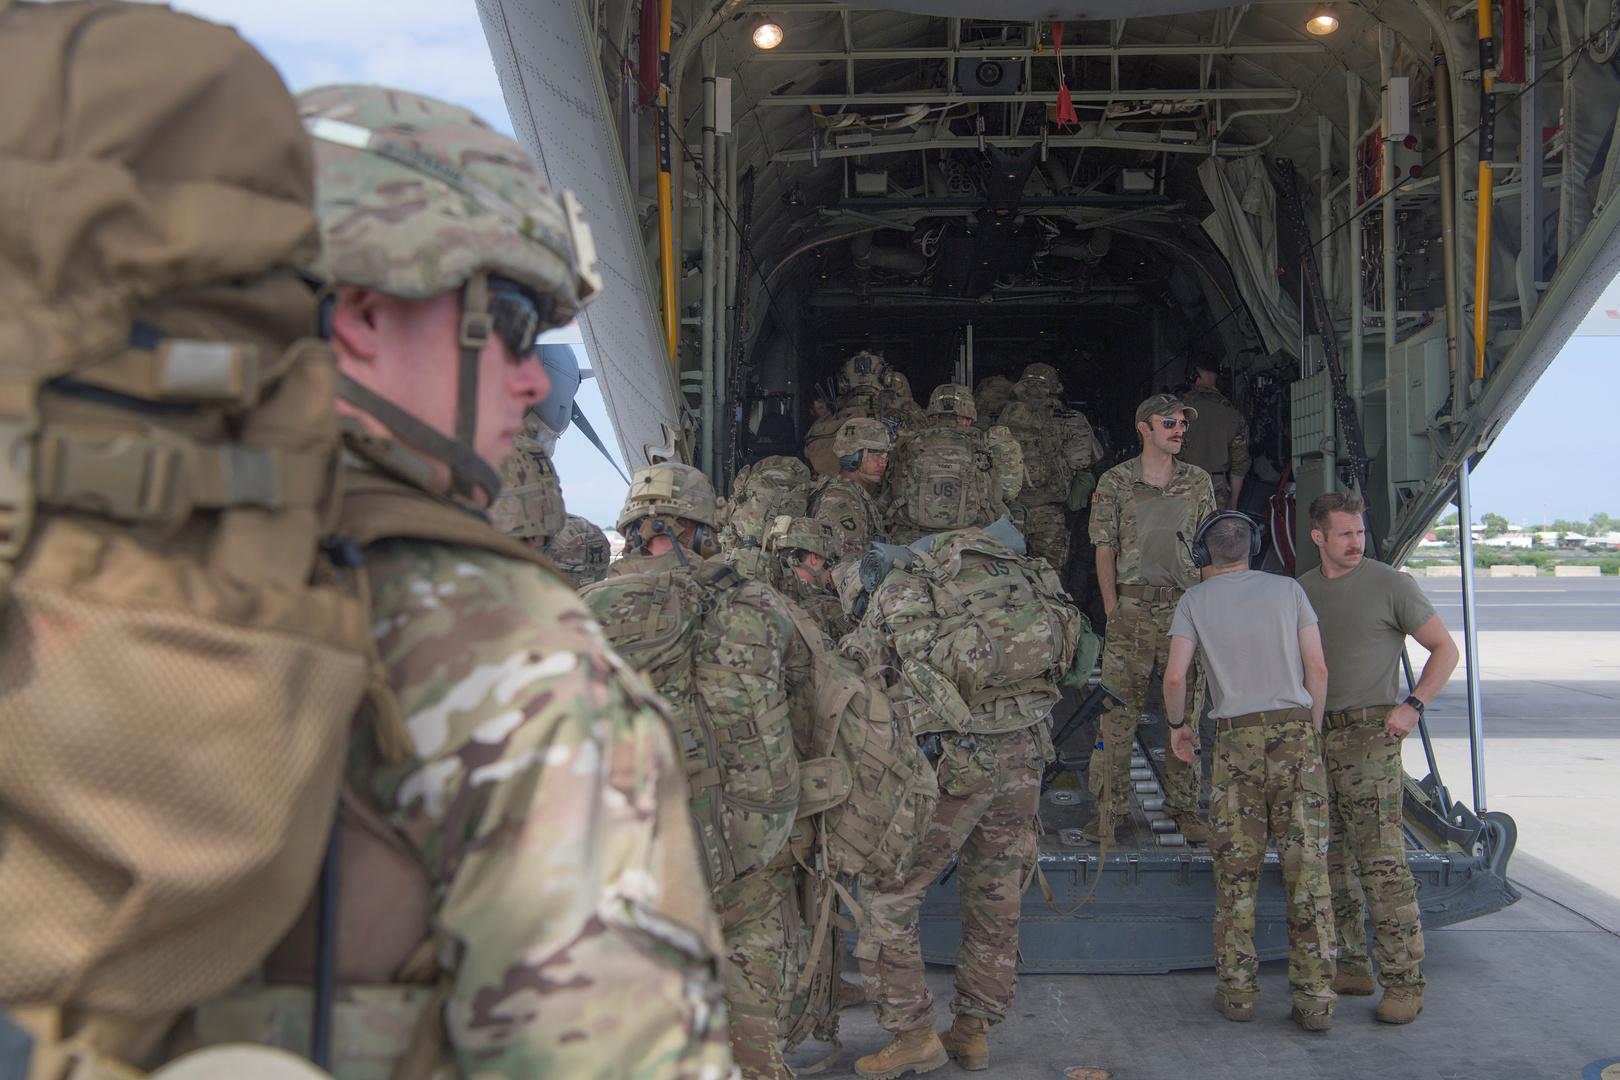 القوات الأمريكية في شرق إفريقيا.